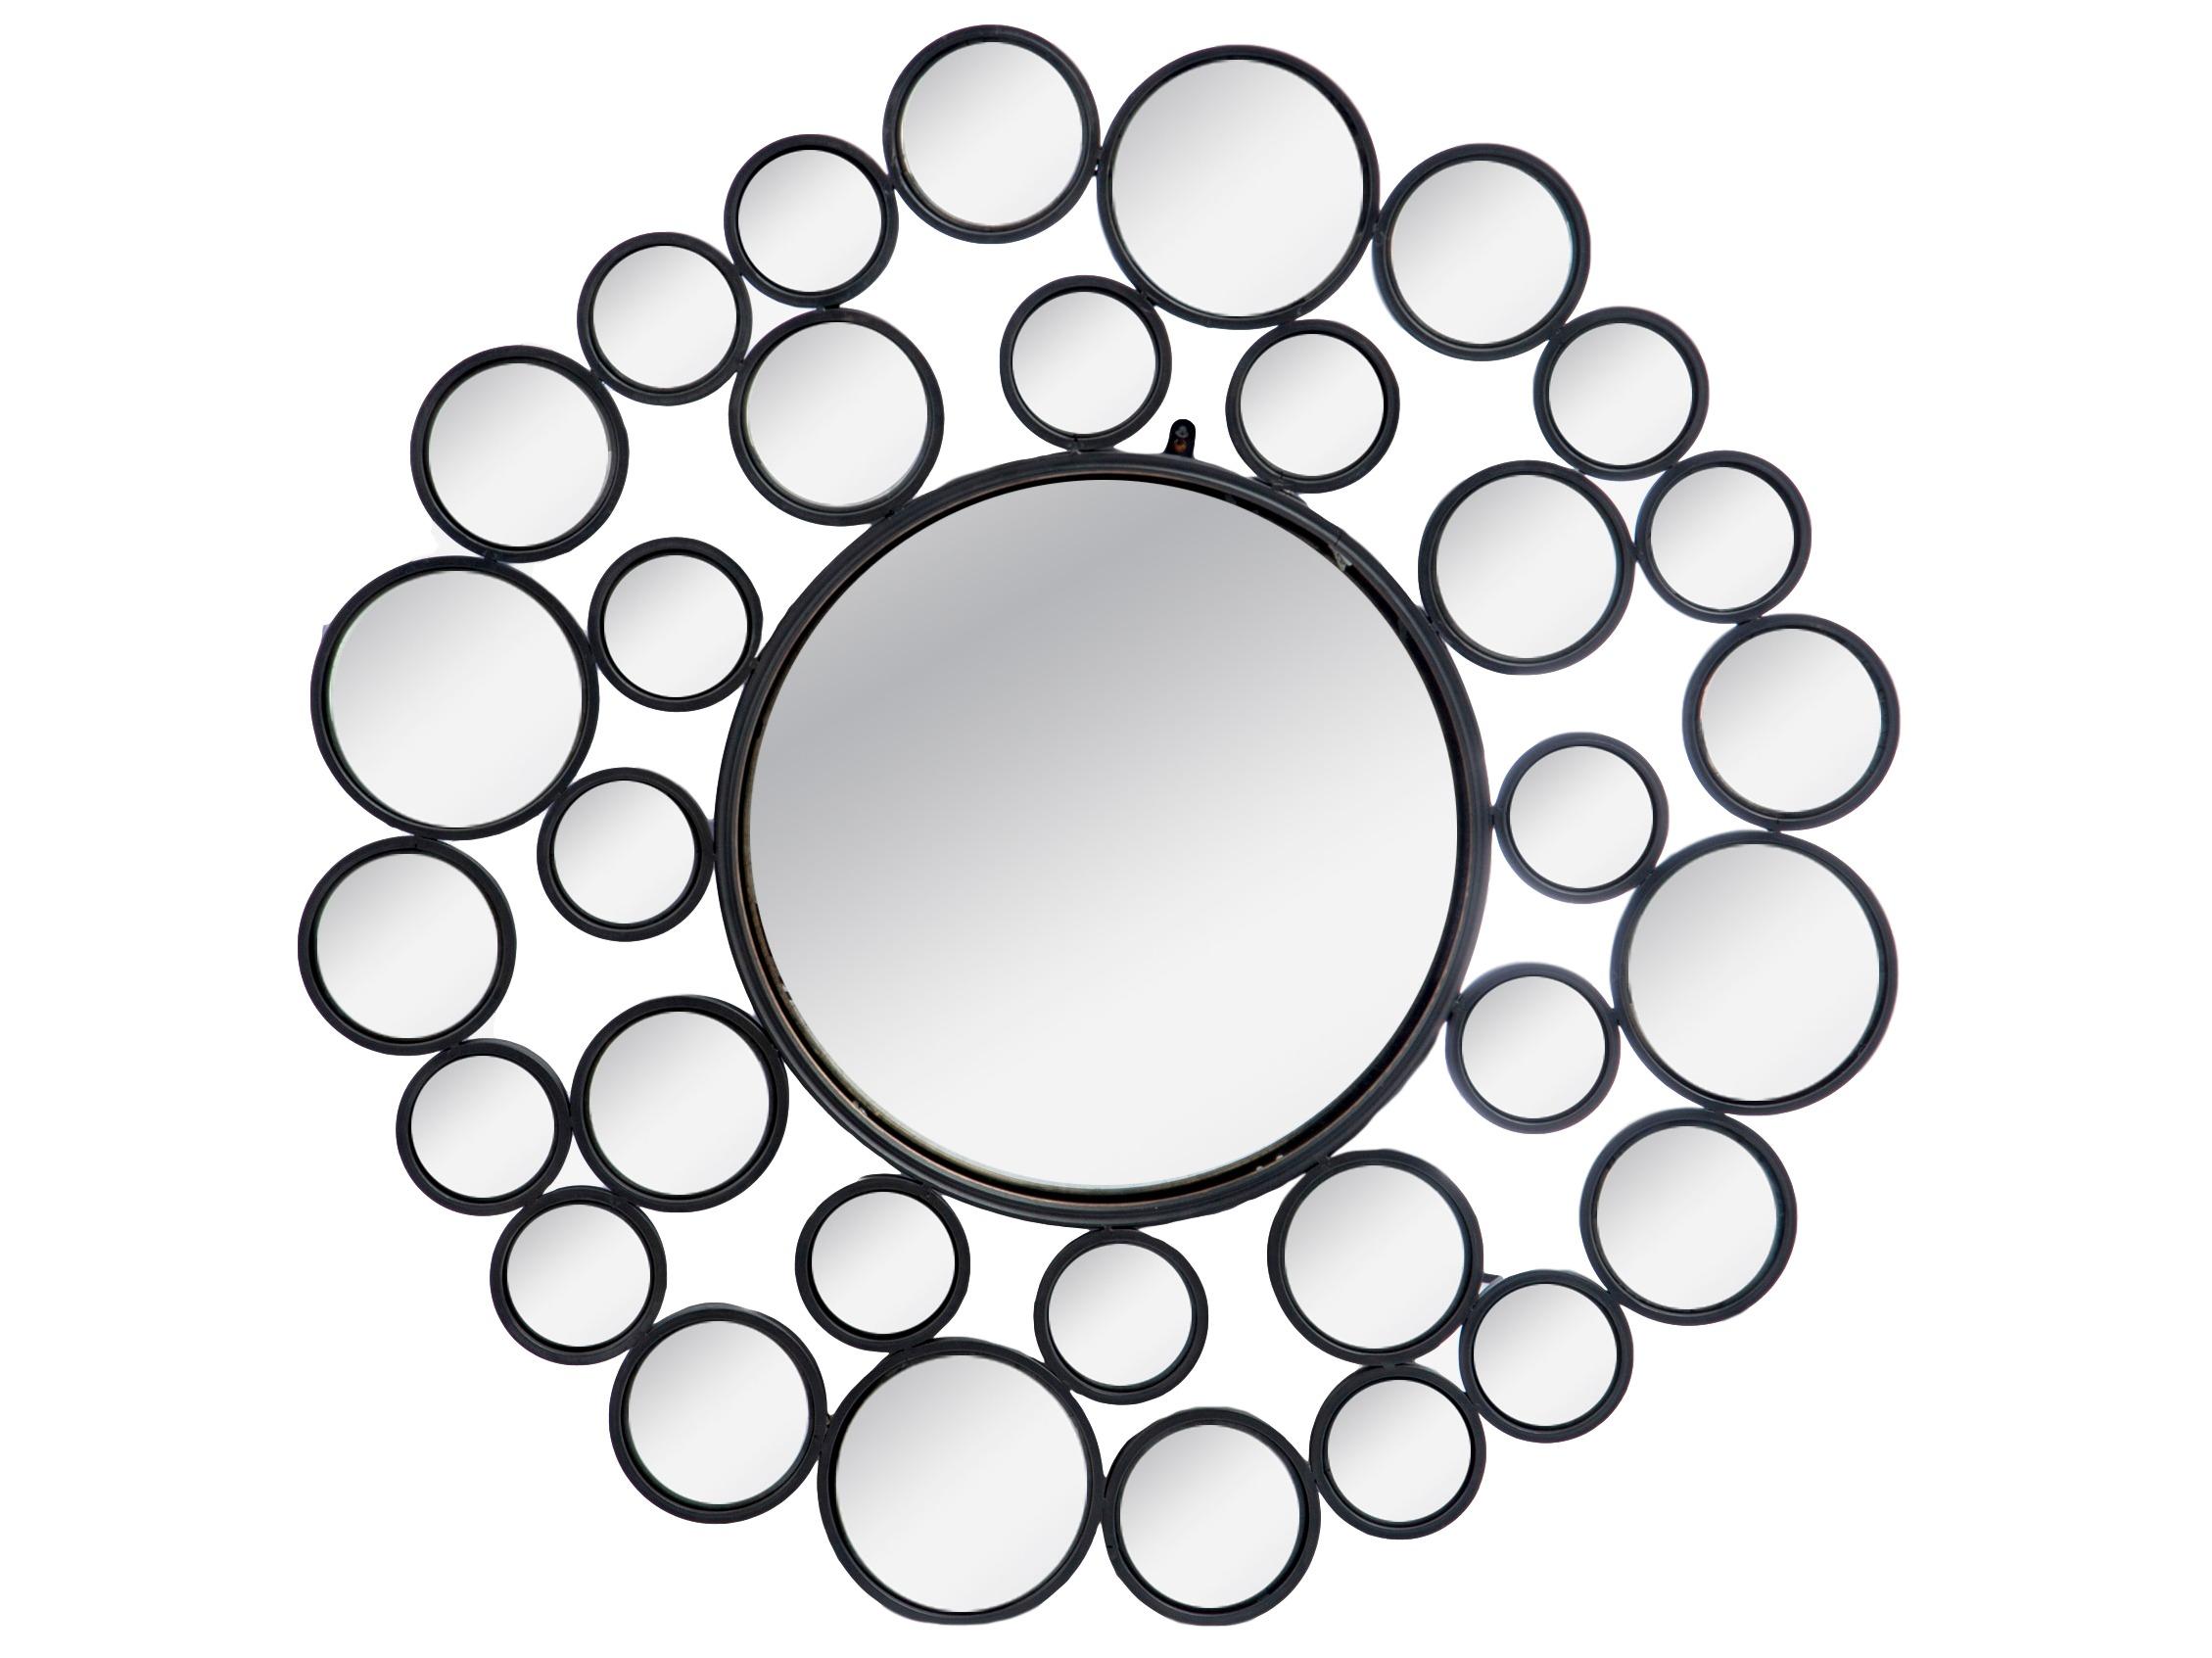 ЗеркалоНастенные зеркала<br>Настенный зеркальный декор, состоящий из нескольких выпуклых зеркальных поверхностей, в черных круглых рамках.<br><br>Material: Металл<br>Depth см: 3<br>Diameter см: 95